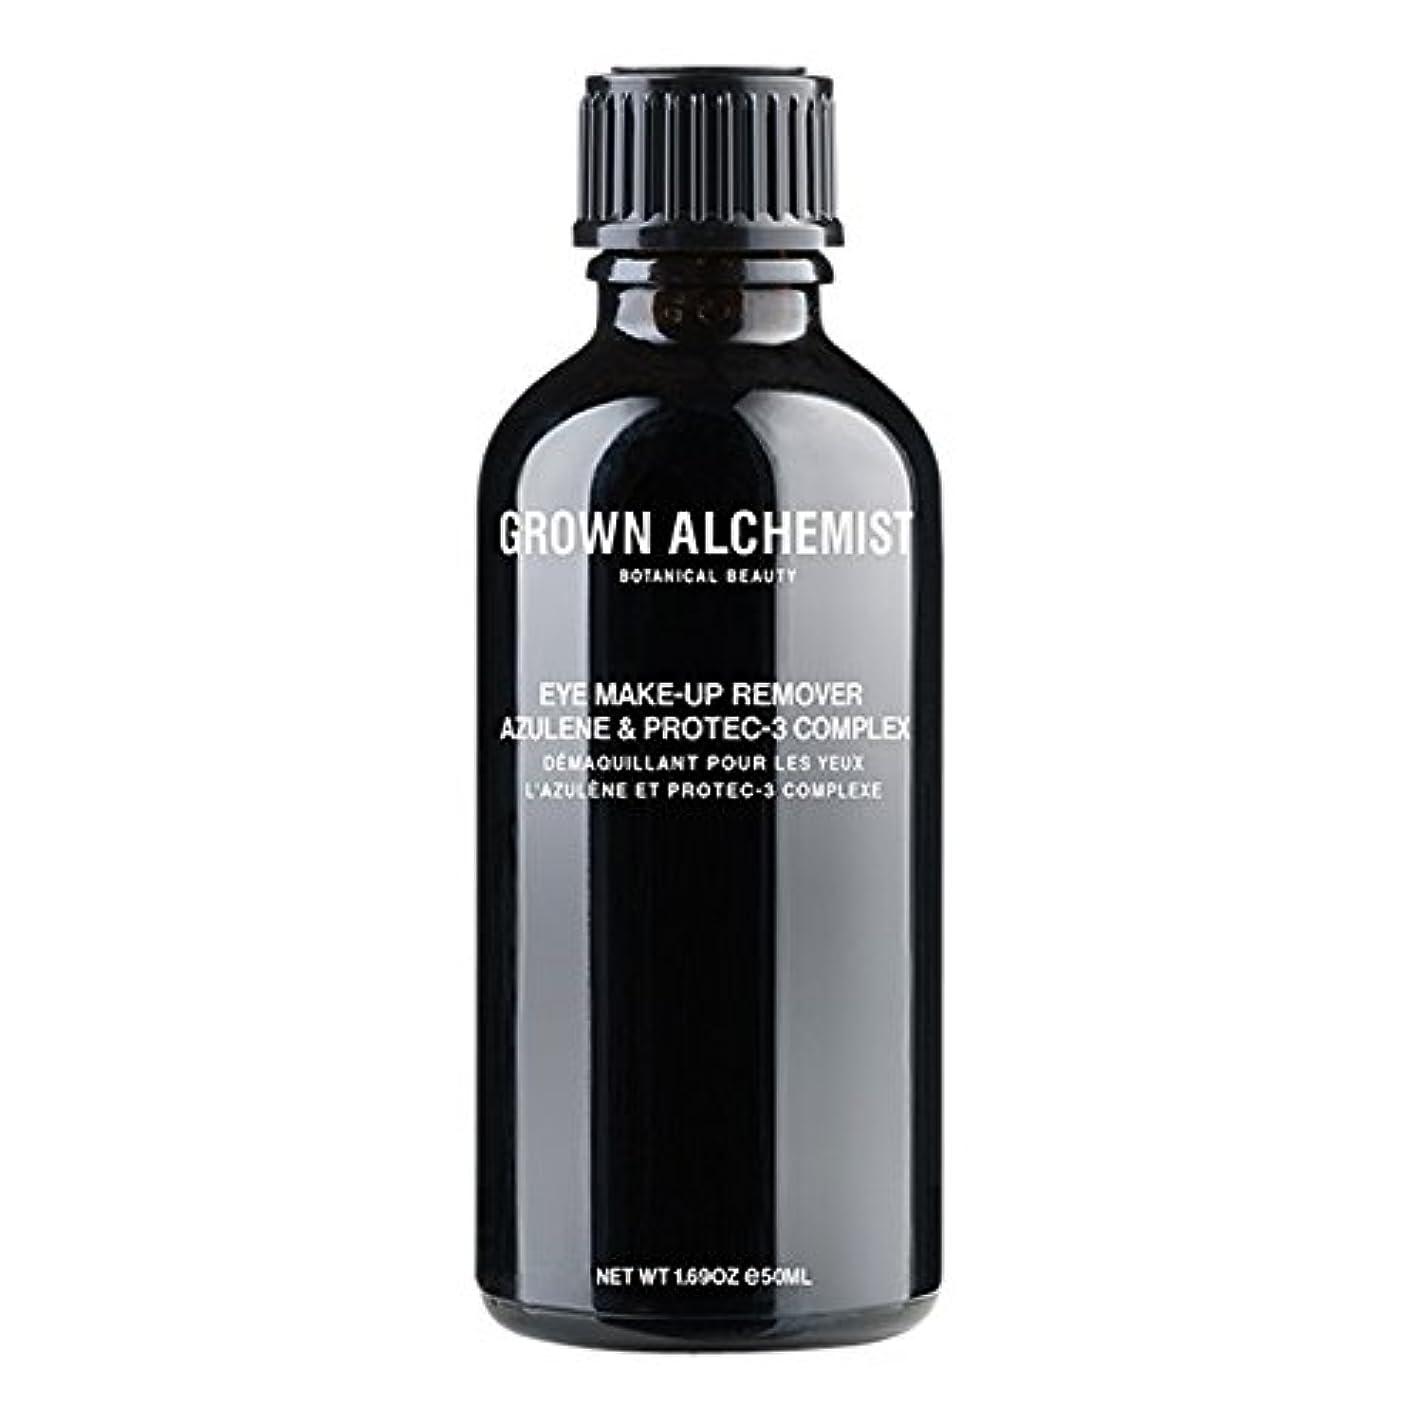 寝具ランチ出席する成長した錬金術師アズレン&Protec-3アイメイクアップリムーバーの50ミリリットル (Grown Alchemist) (x6) - Grown Alchemist Azulene & Protec-3 Eye-Makeup...